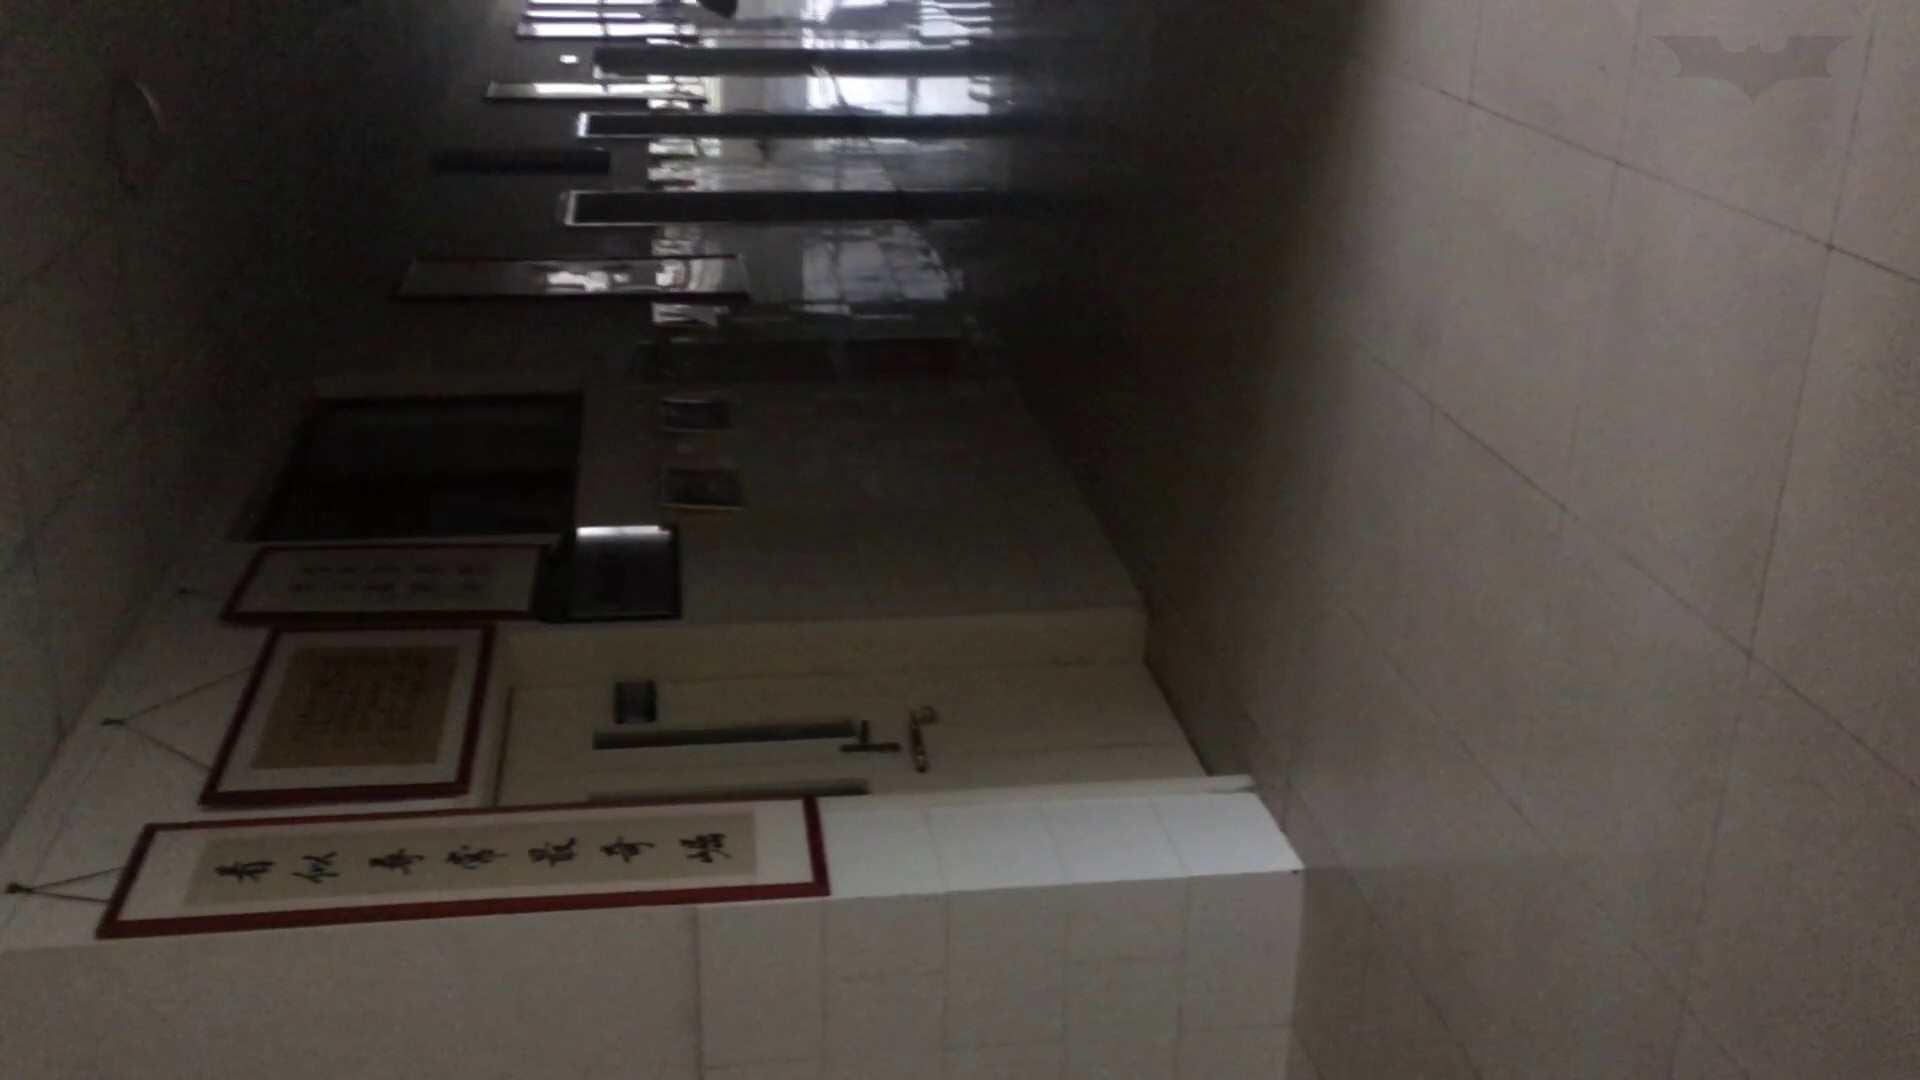 芸術大学ガチ潜入盗撮 JD盗撮 美女の洗面所の秘密 Vol.80 トイレ中 | 洗面所着替え  64連発 50